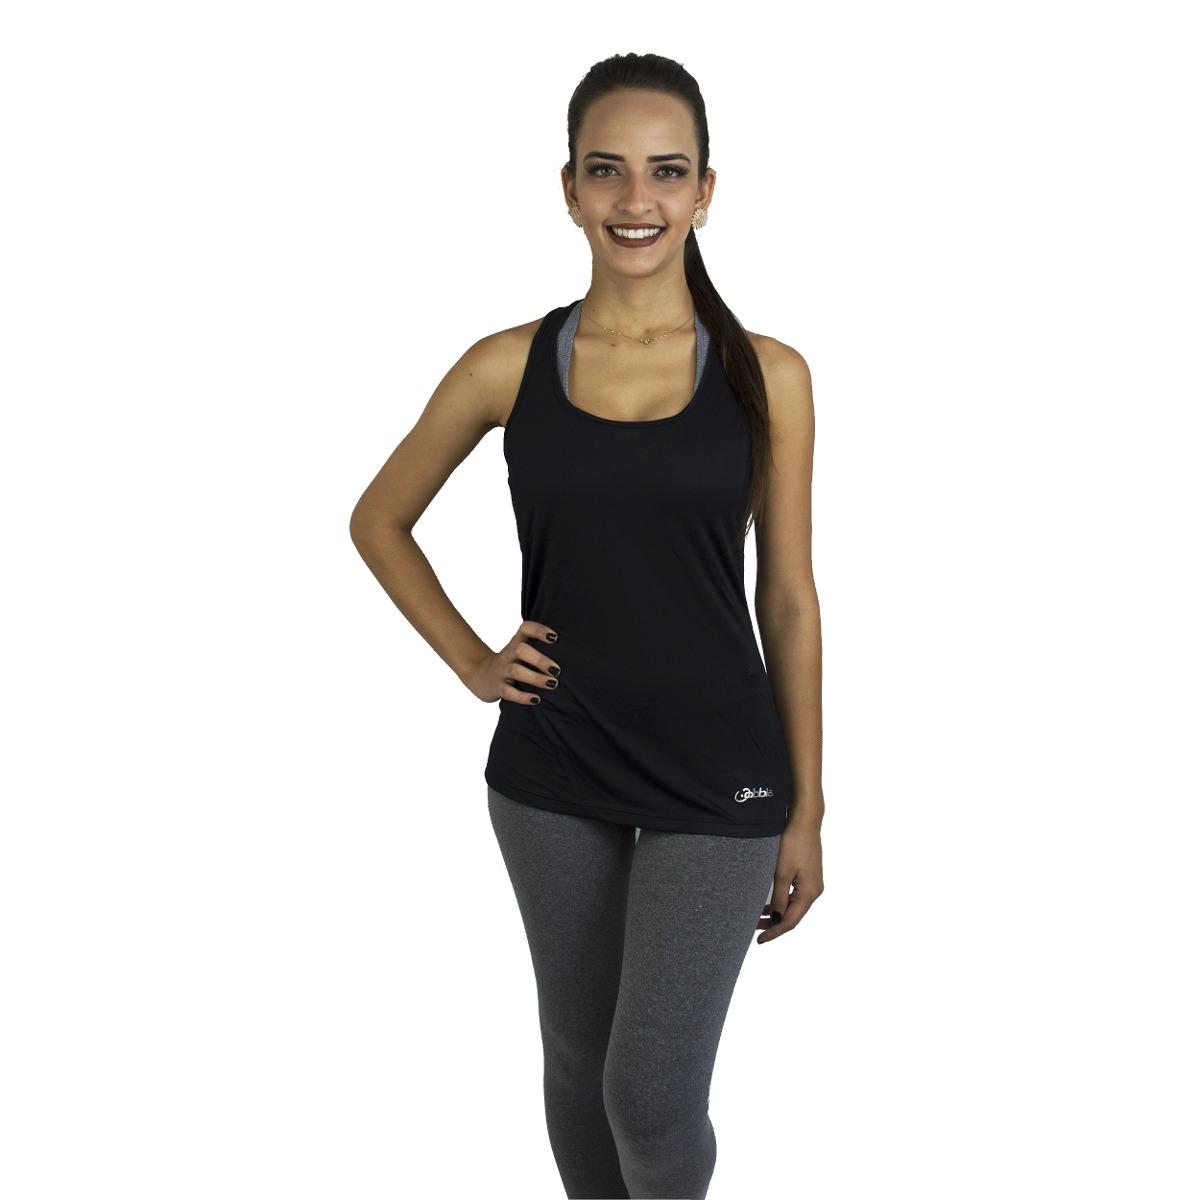 Regata Dry-fit Lisa Fitness Obbia Longa Feminina- P-preto - R  37 8008b8d065be1